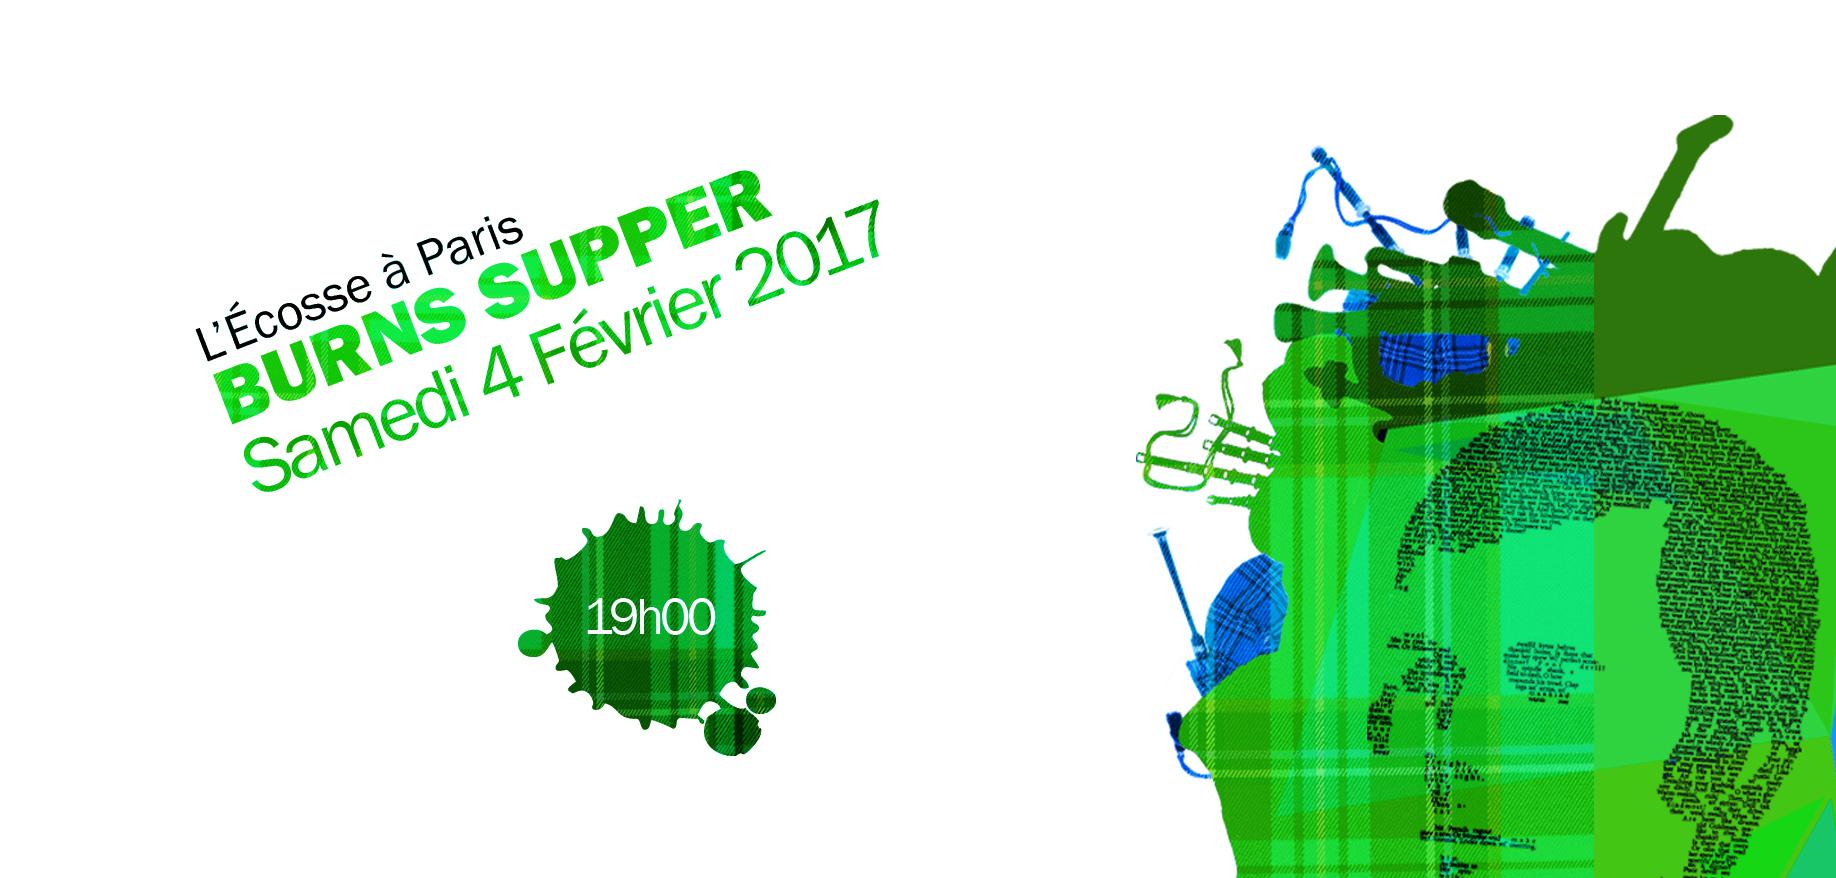 Burns'Supper géant Samedi 4 février 2017 aux Chapiteaux Turbulents !